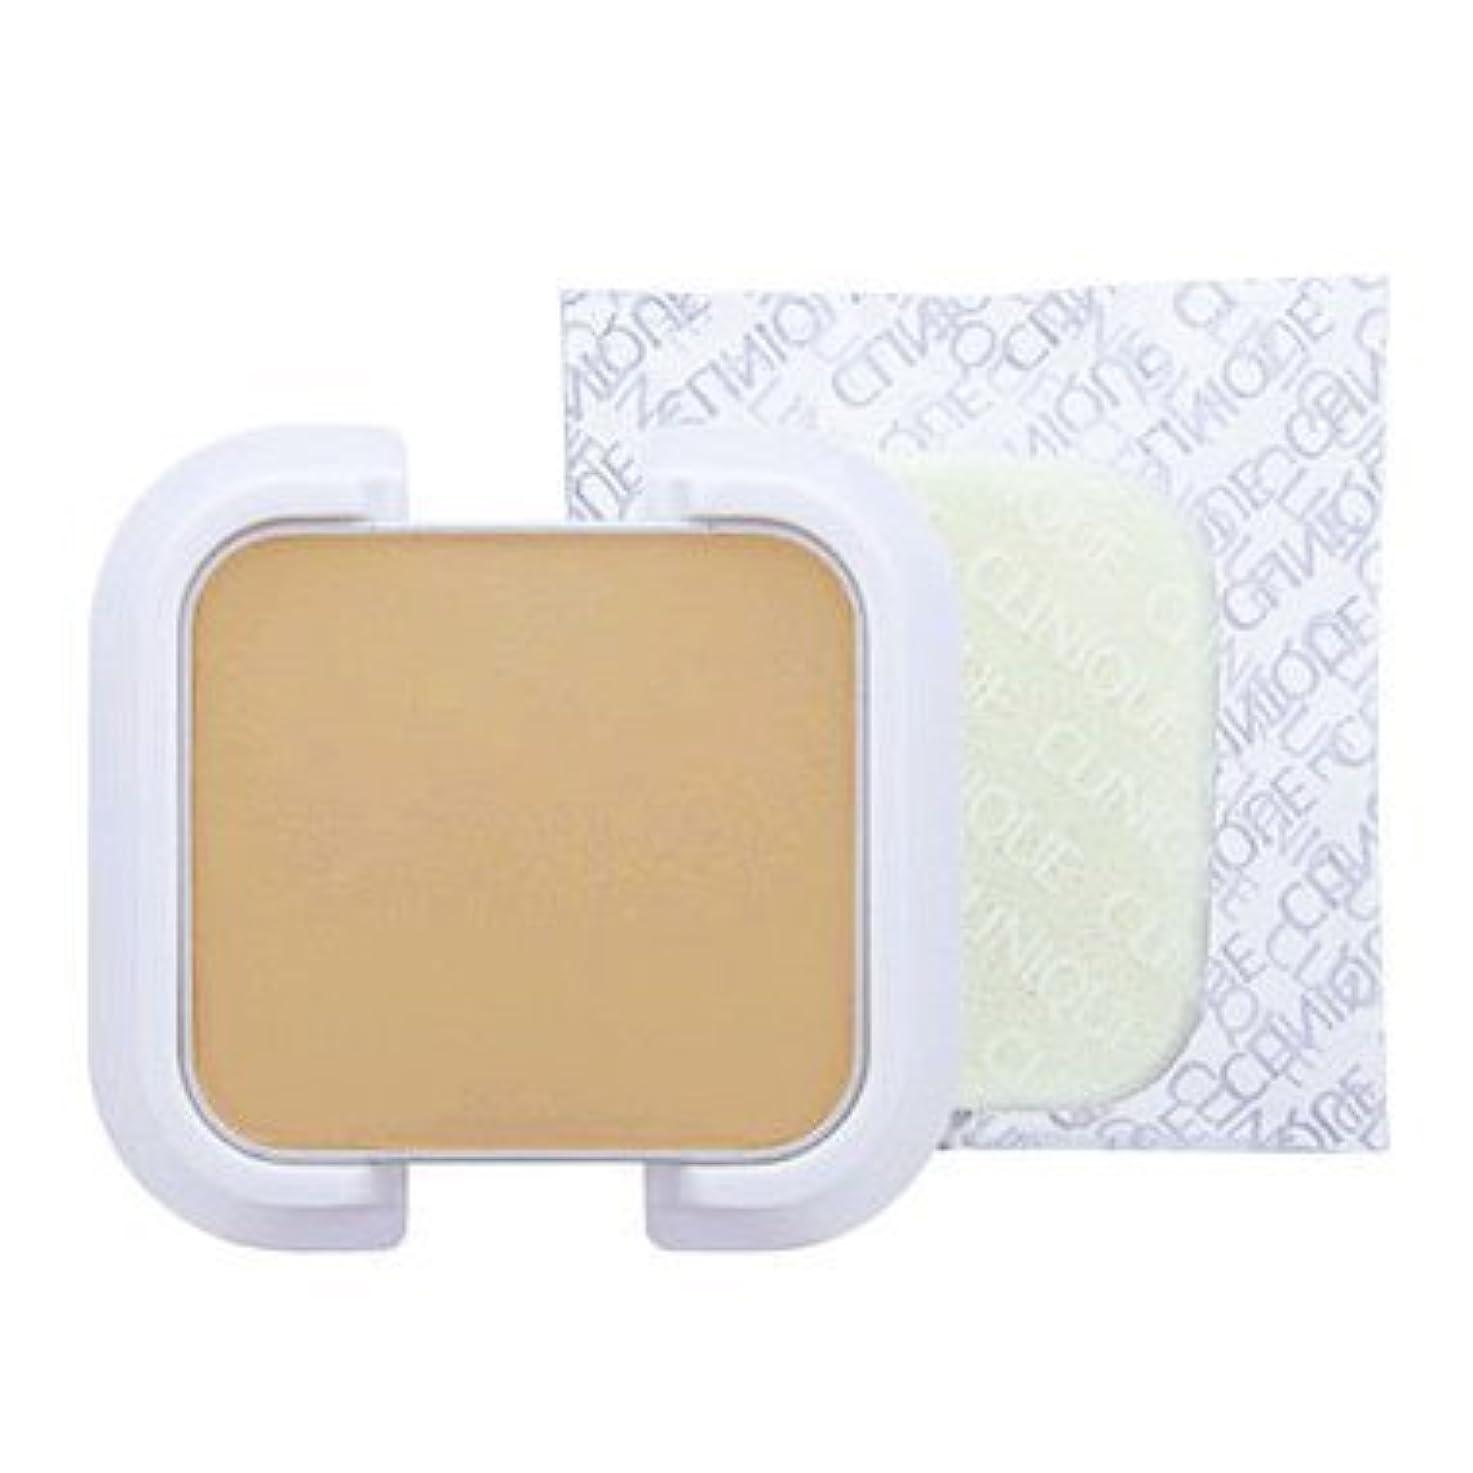 アコーフィードどきどきCLINIQUE クリニーク イーブン ベター パウダー メークアップ ウォーター ヴェール 27 (リフィル) #64 cream beige SPF27/PA+++ 10g [並行輸入品]